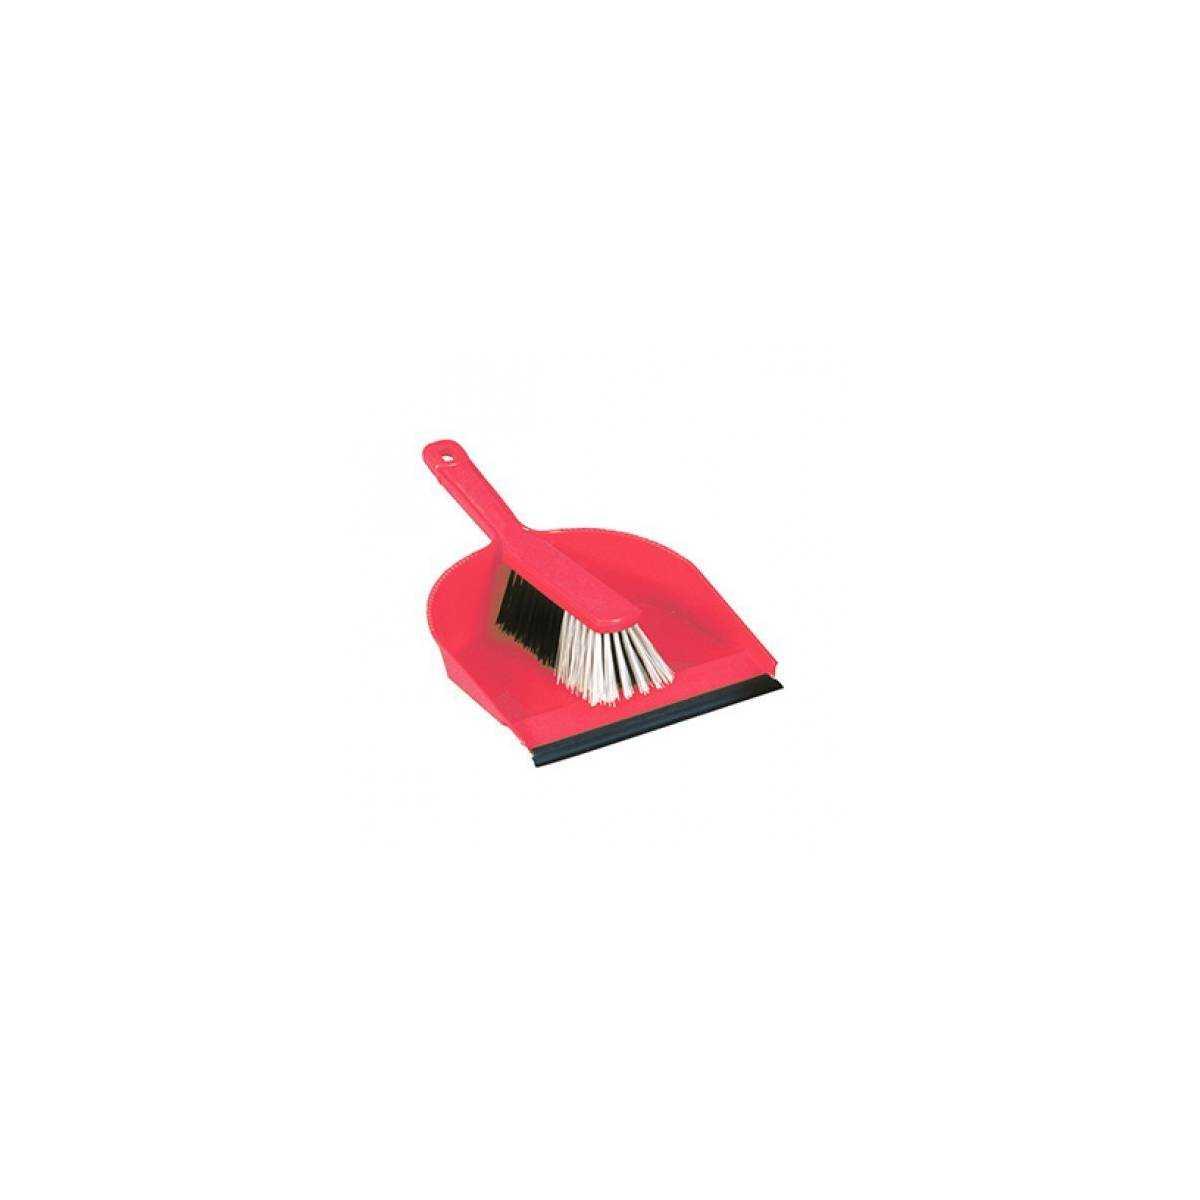 Набор для уборки совок+щетка DUST PAN (Красно цвета) E.770.24R TTS